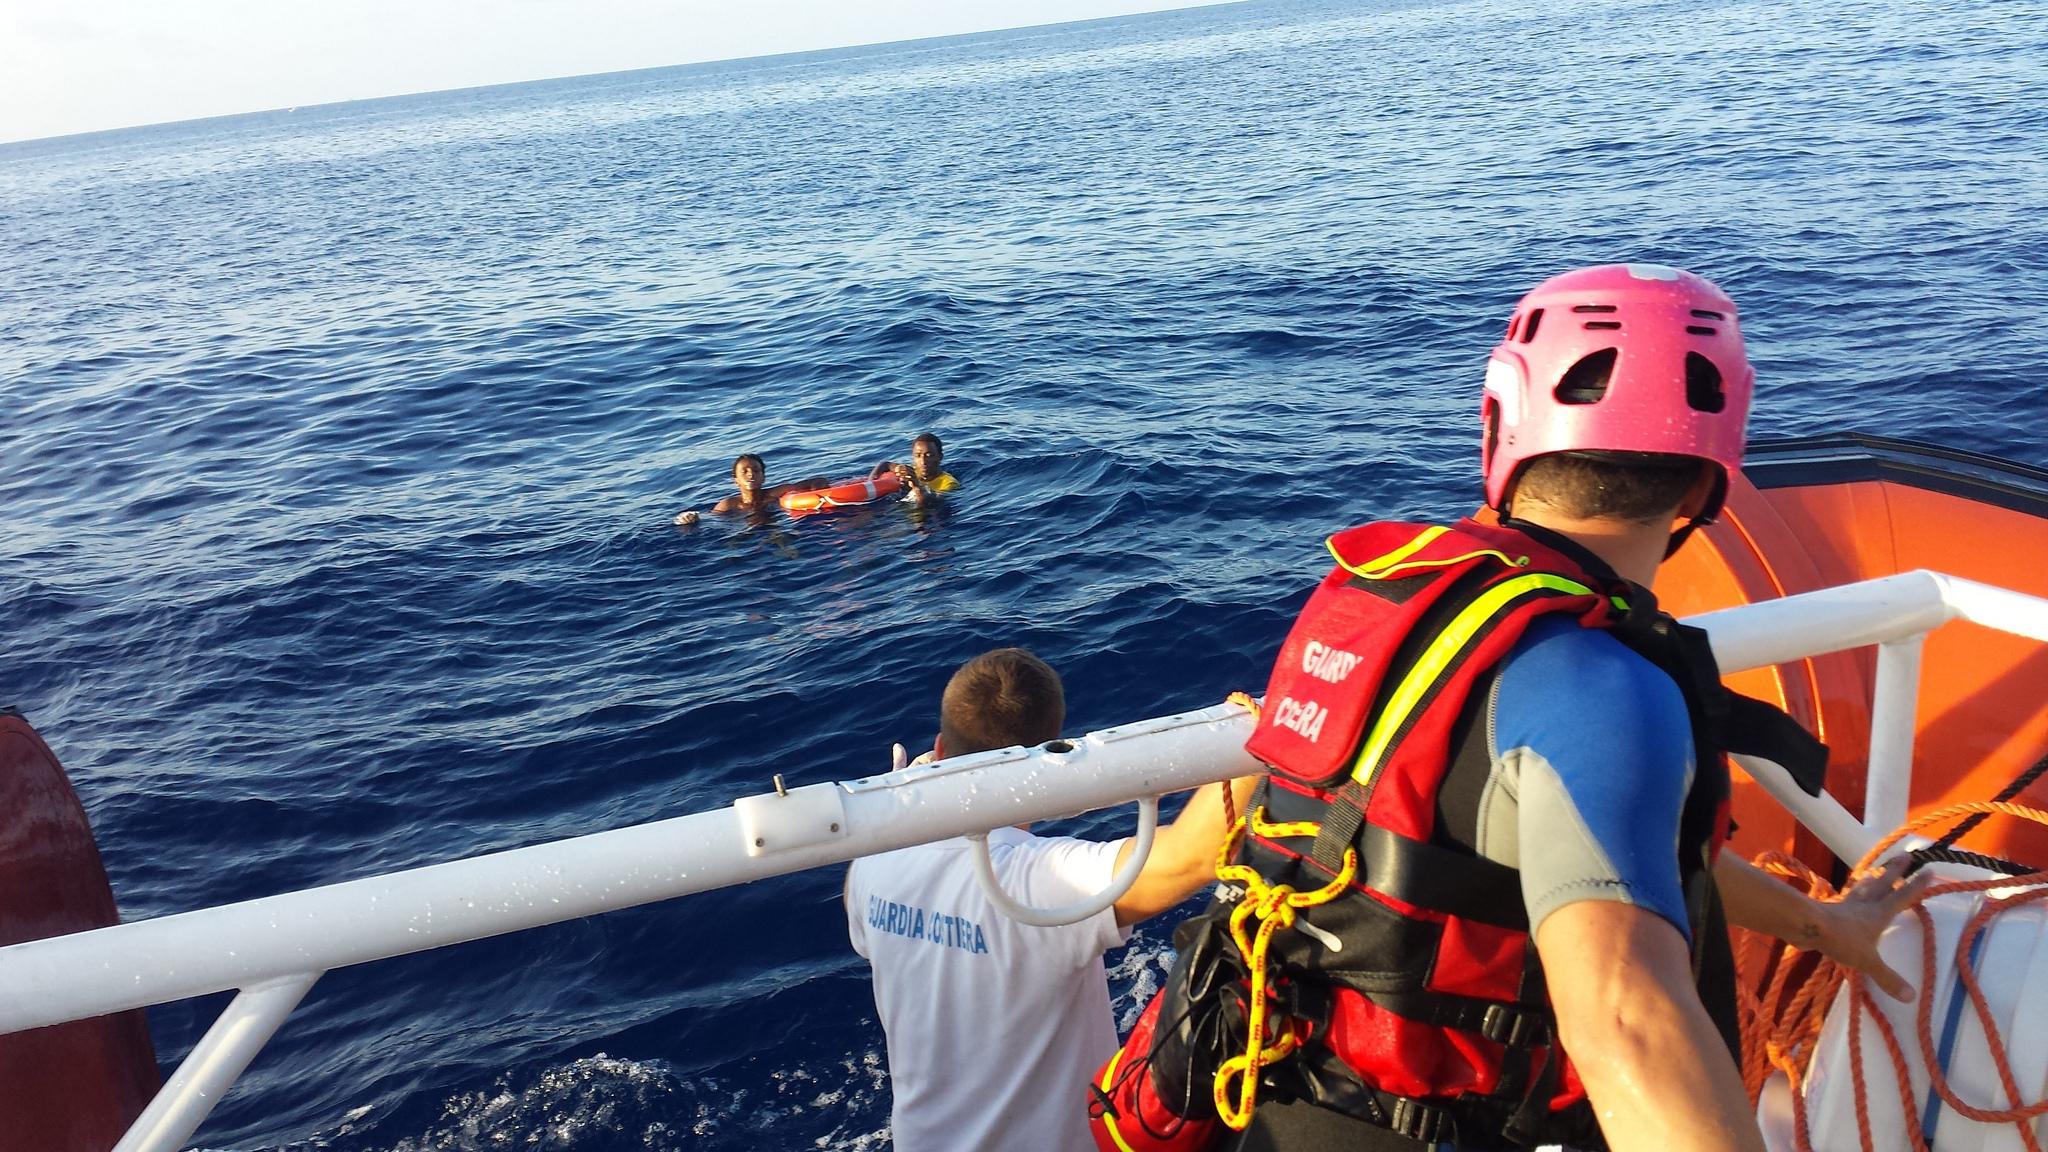 Итальянская береговая охрана спасает двоих из 156 уцелевших беженцев в трагедии 3 октября у берегов острова Лампедуза.